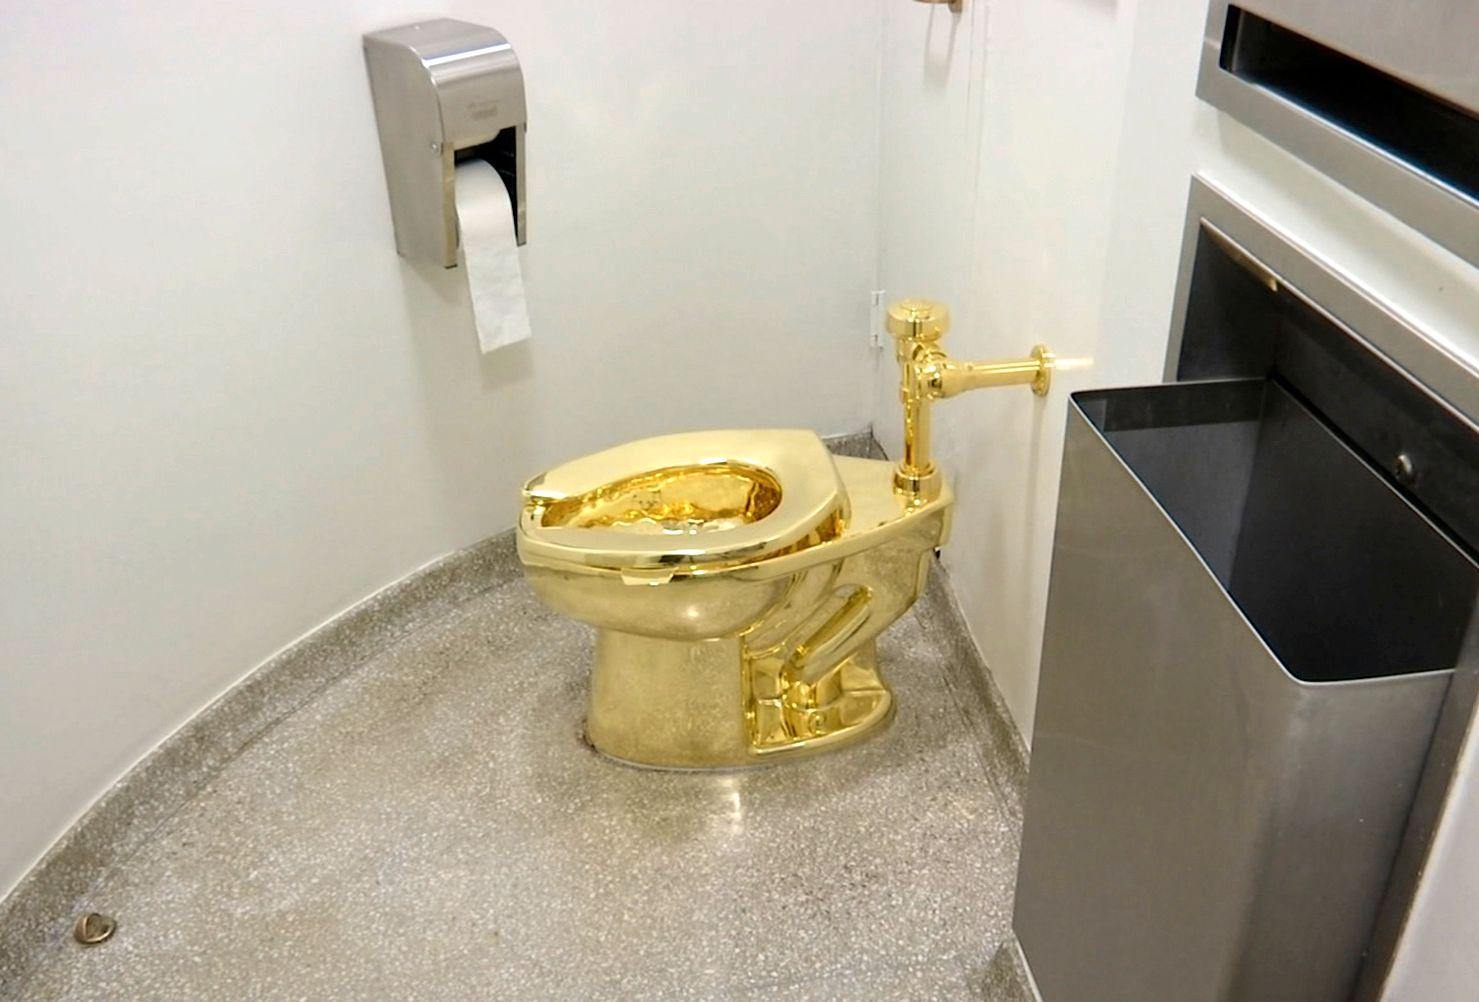 AMERICA: Ekteparet Trump ville låne et bilde av van Gogh fra Guggenheim, men fikk tilbud om dette toalettet isteden.